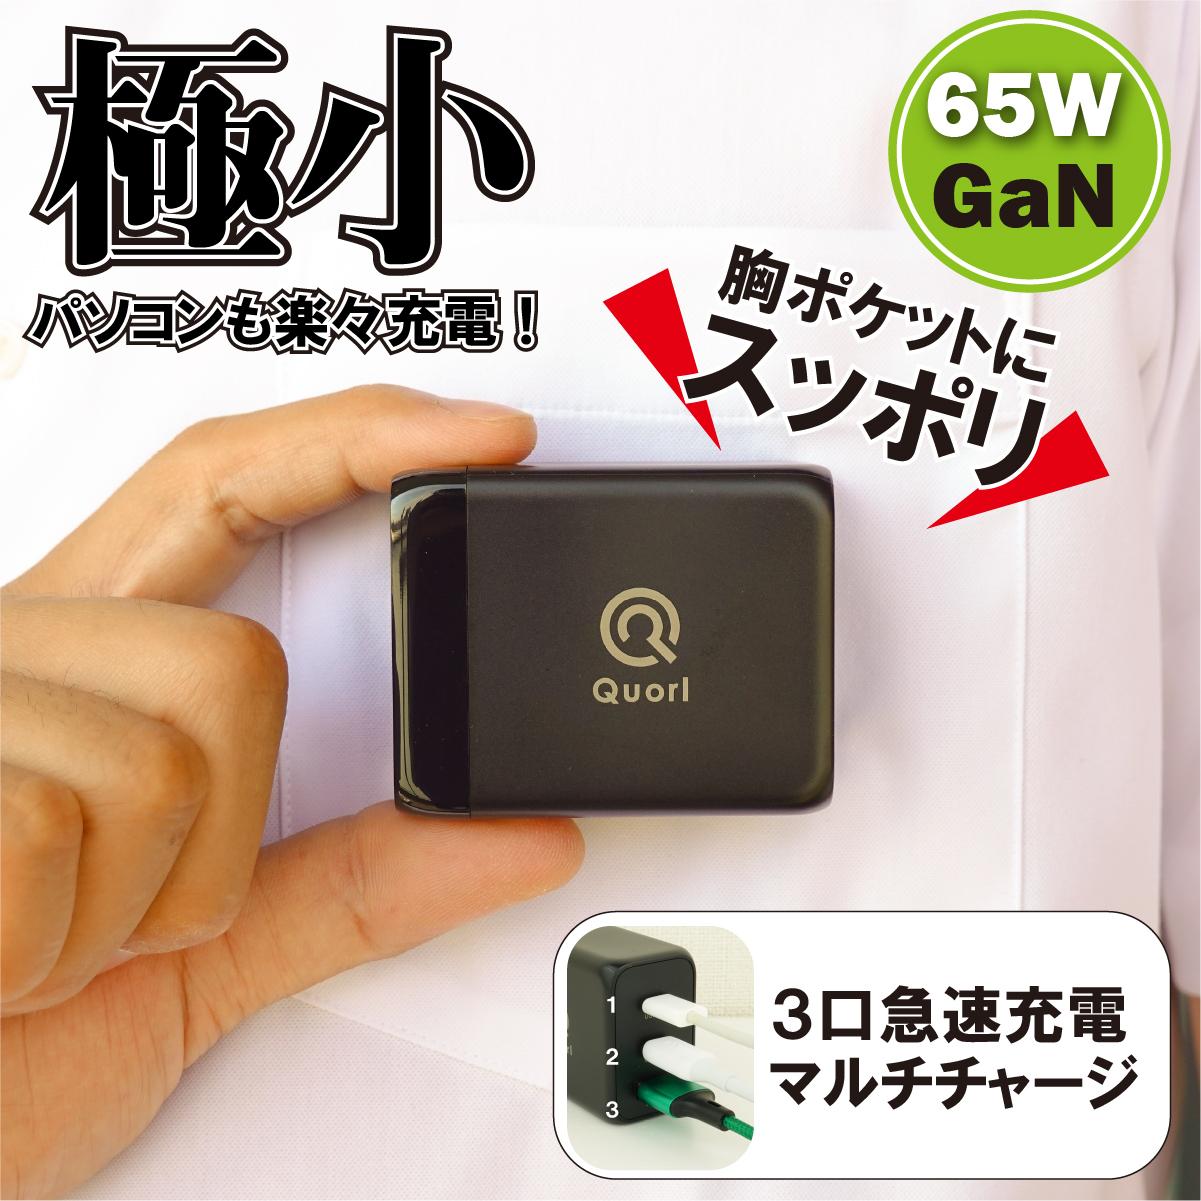 パソコンも楽々充電 出張や旅行で大活躍 [宅送] 安全 USB充電器 PD 急速 充電器 65W Type-C GaN Quorl 折畳式 USB-A 窒化ガリウム USB-C acアダプター 1年保証 3ポート クォール